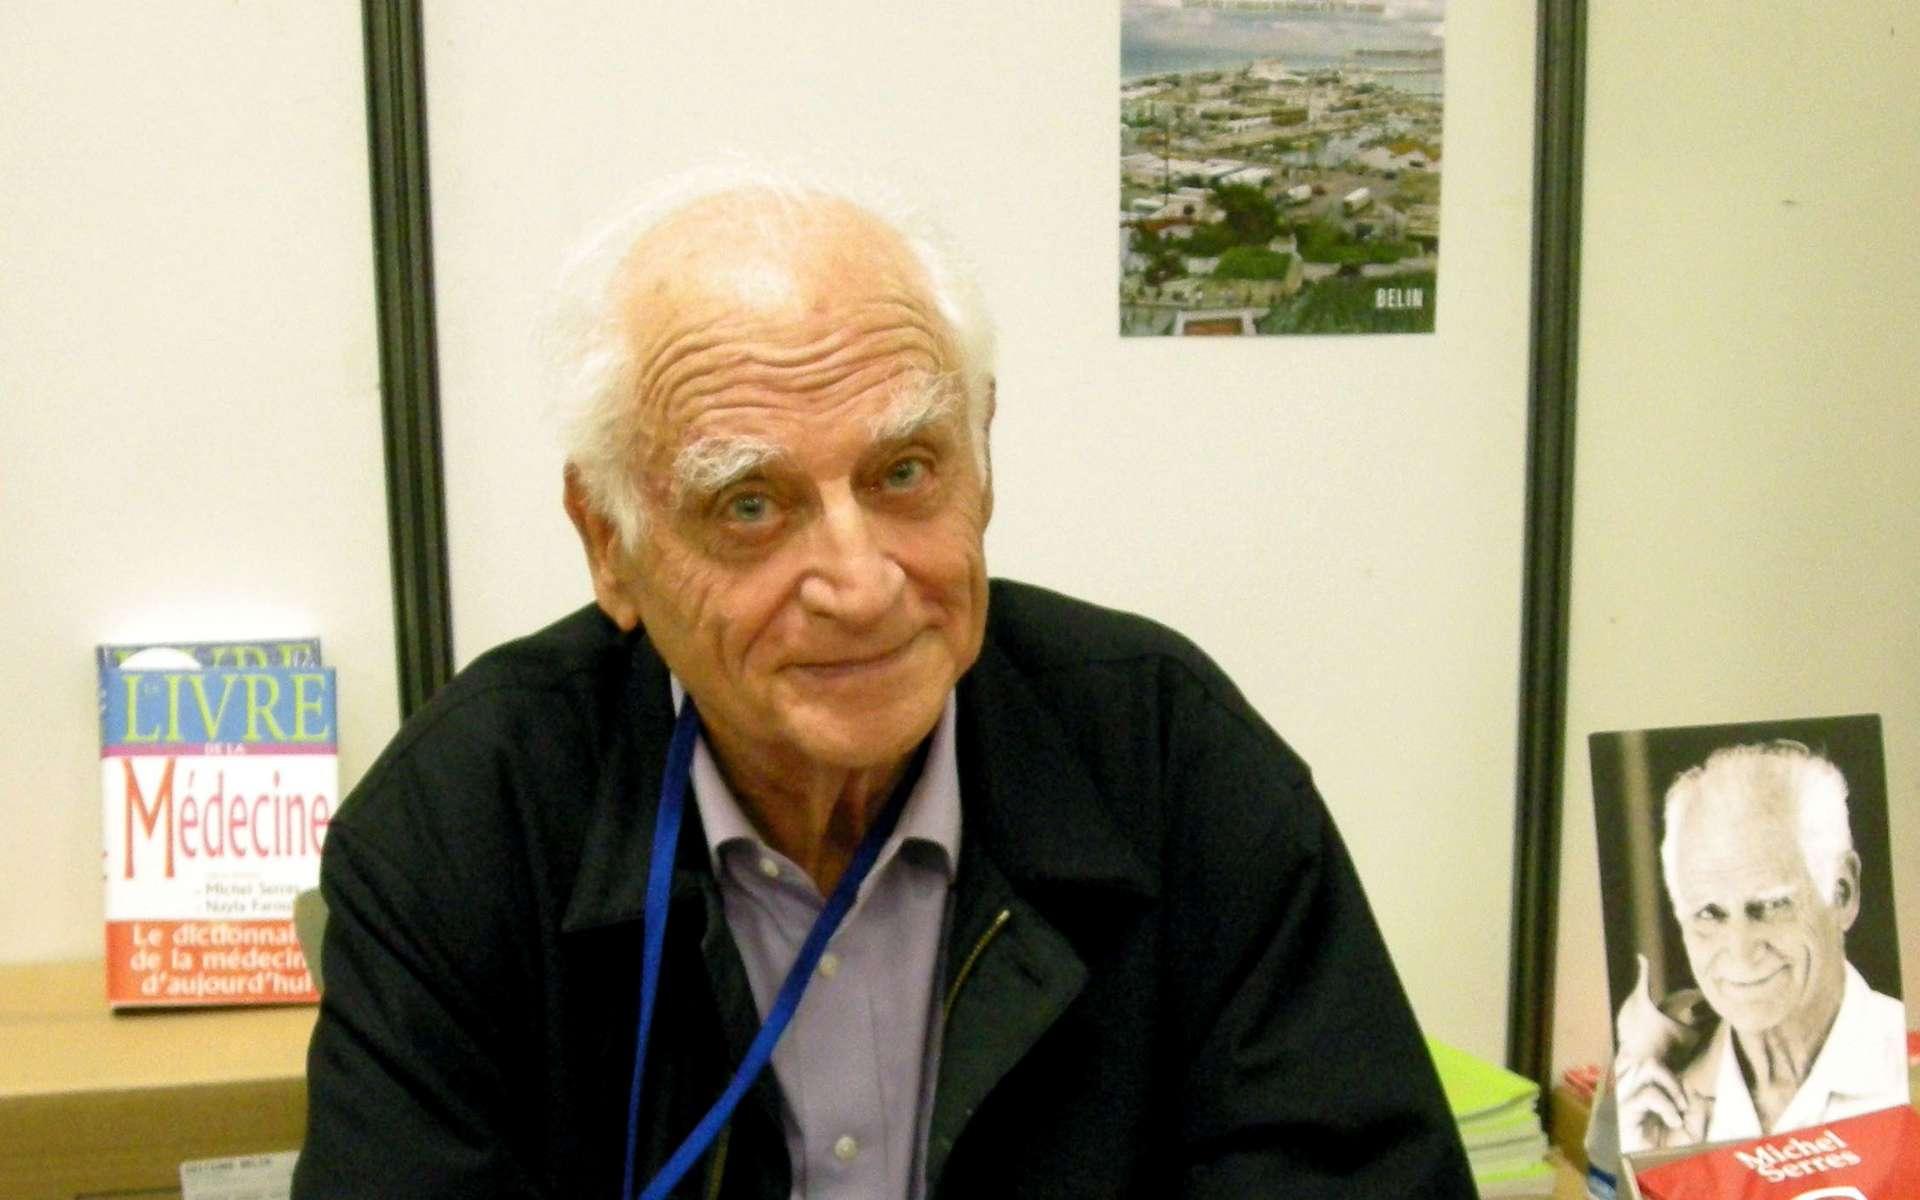 Une photographie de Michel Serres en 2008 lors d'une séance dédicace. © Ji-Elle, DP, Wikipédia